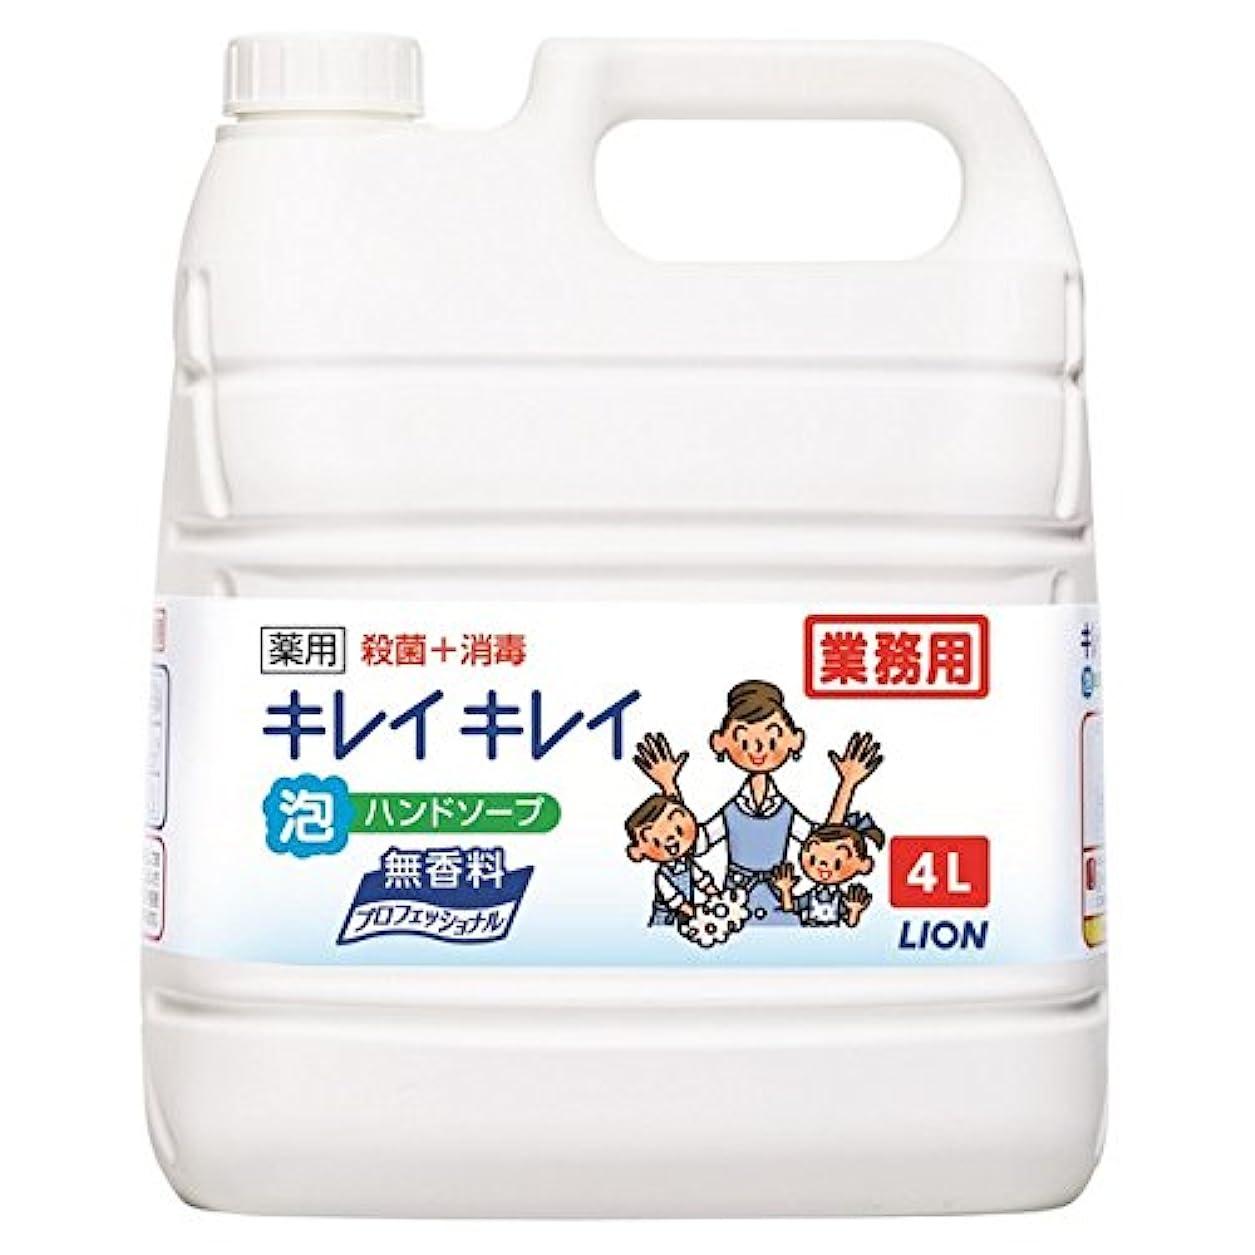 民間内陸姓ライオン キレイキレイ薬用泡ハンドソープ 無香料 4L×3本入